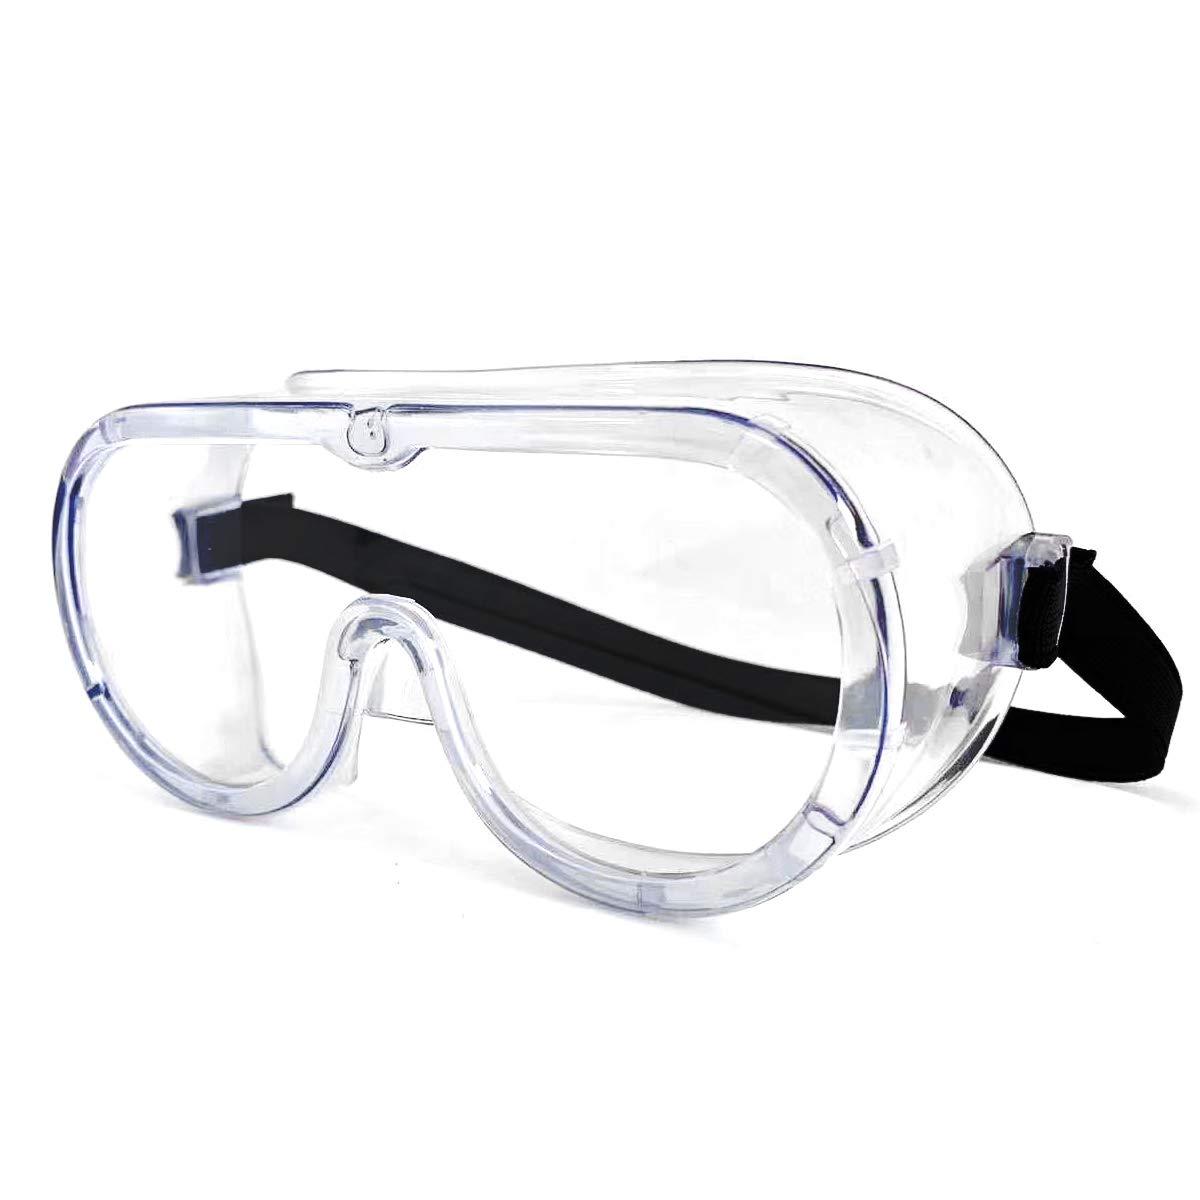 Gafas de seguridad transparentes envolventes de seguridad selladas con impacto ocular, gafas de trabajo selladas sobre gafas para bricolaje, laboratorio etc.(Vendedor laixiulife Amazon delivery)